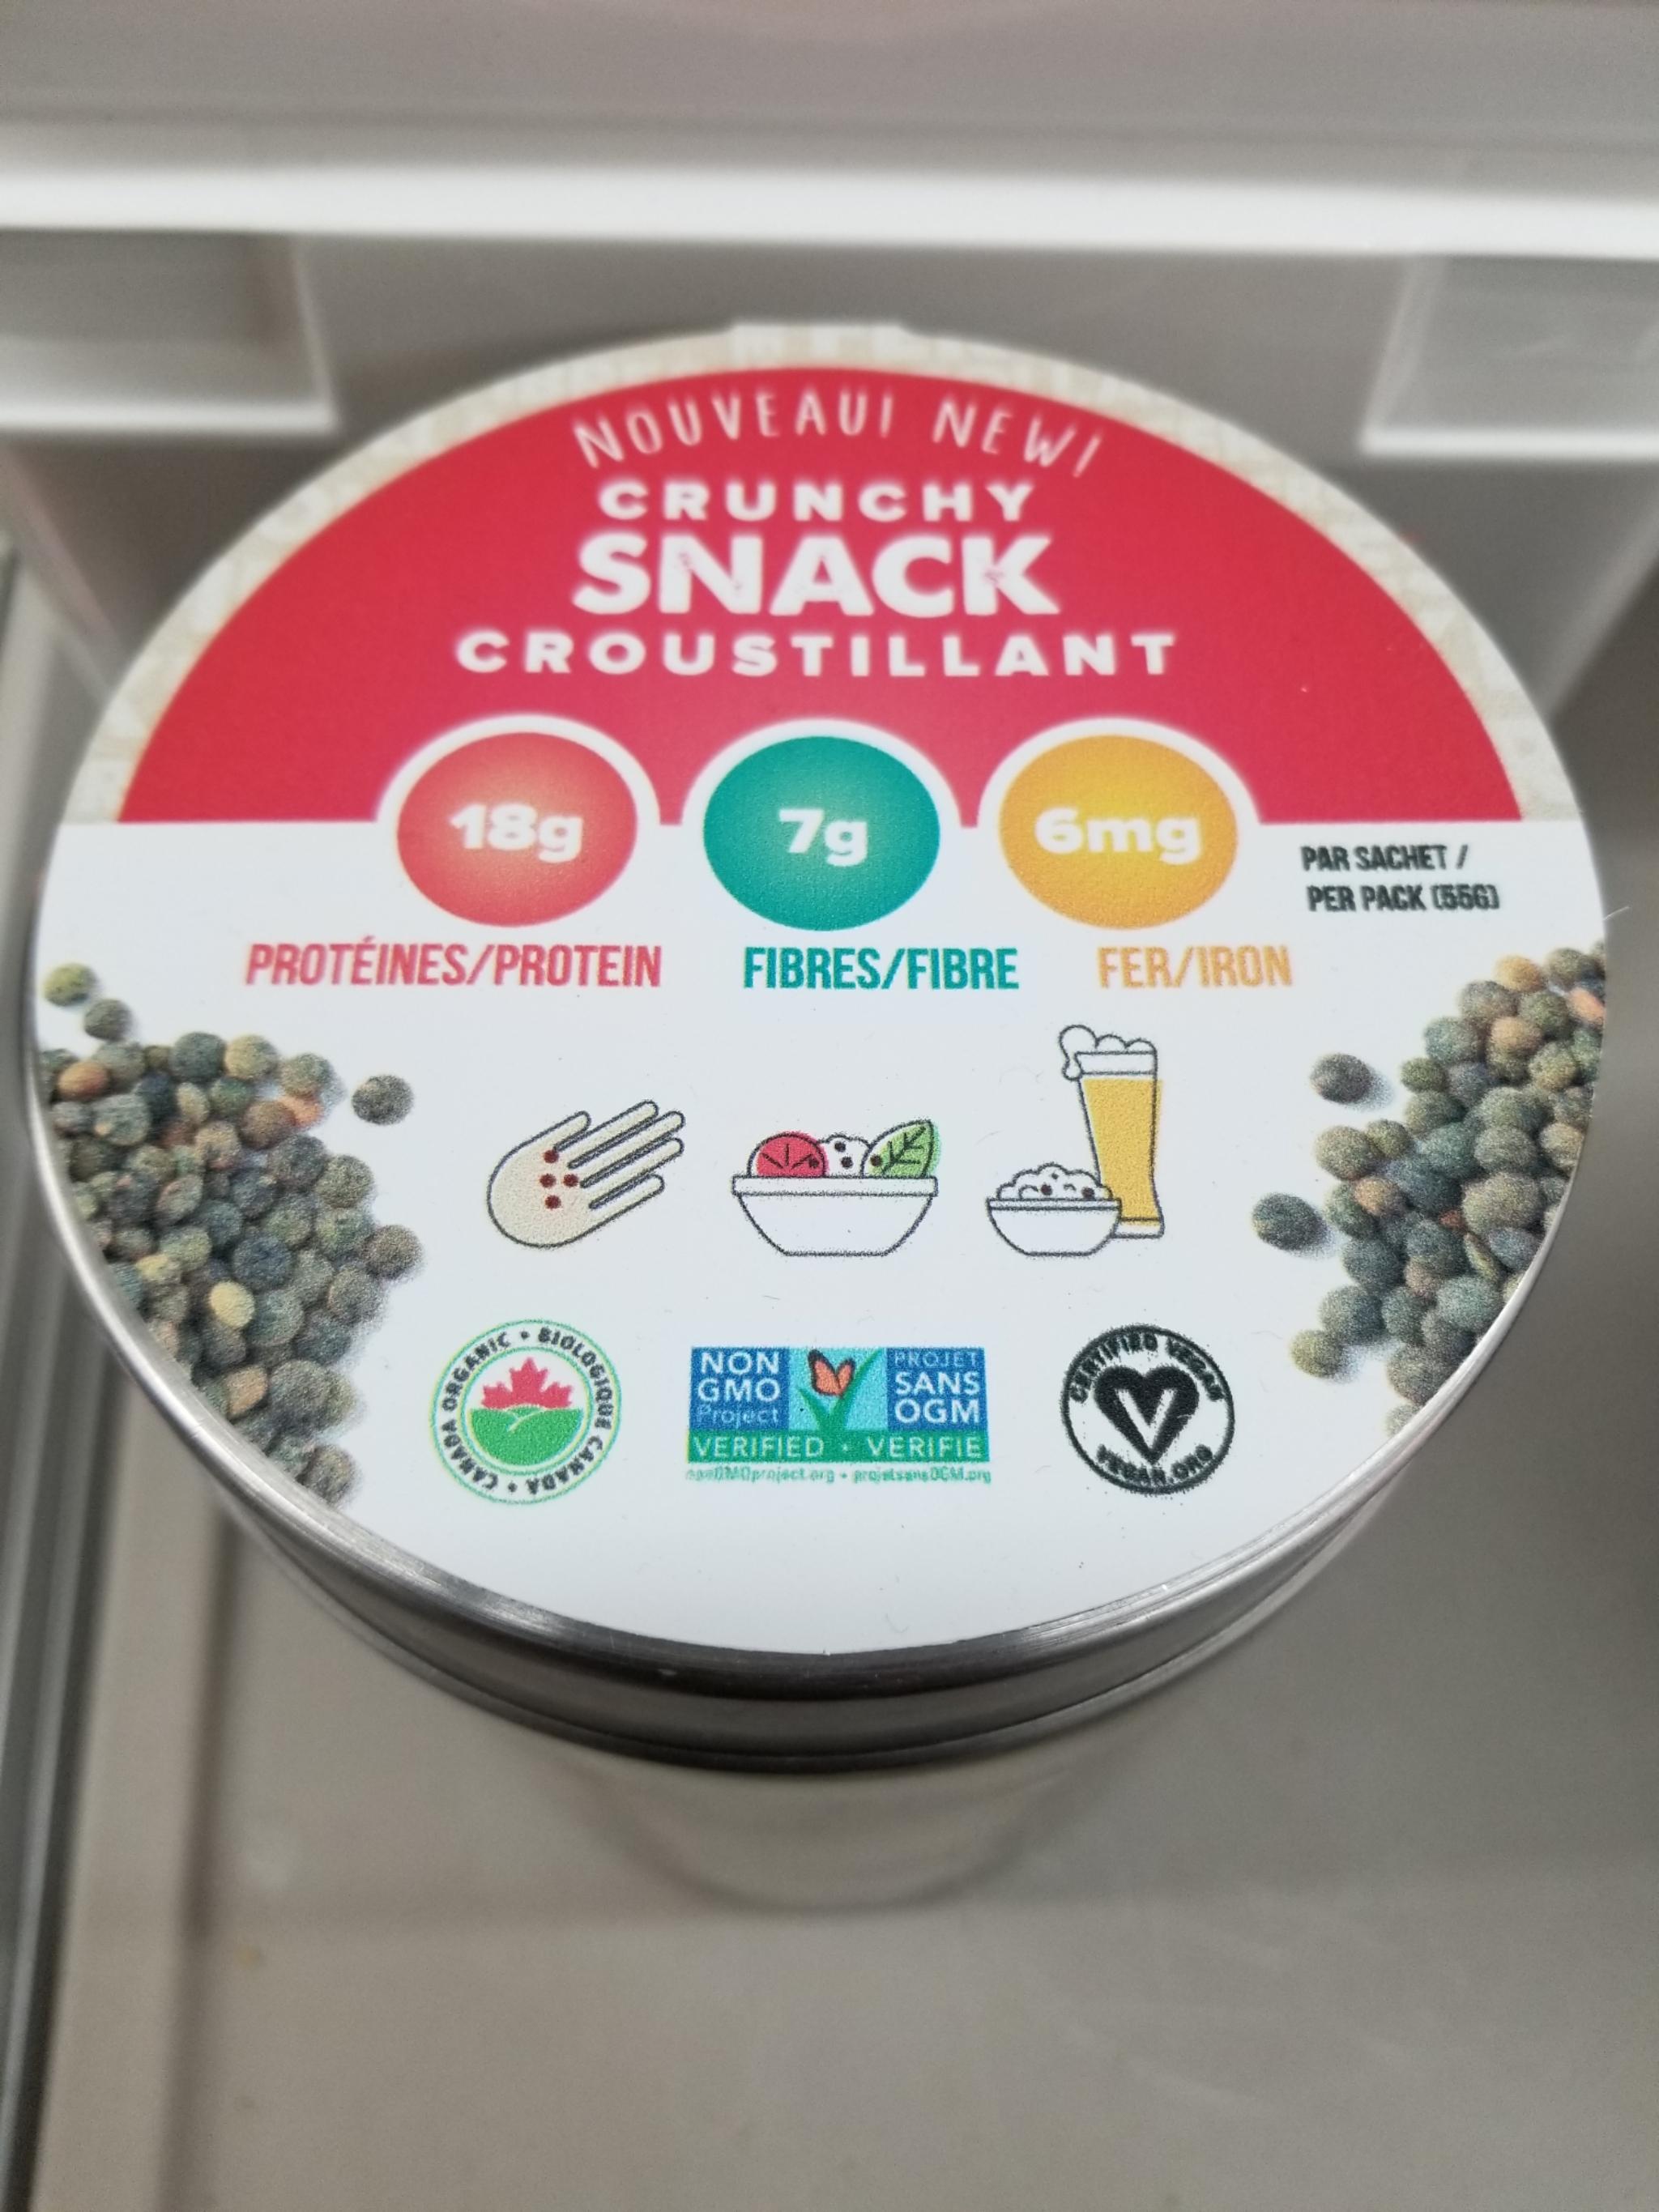 Snacky Day - Lentilles grillées bio, vegan et sans-ogm 1kg Vrac TX19084